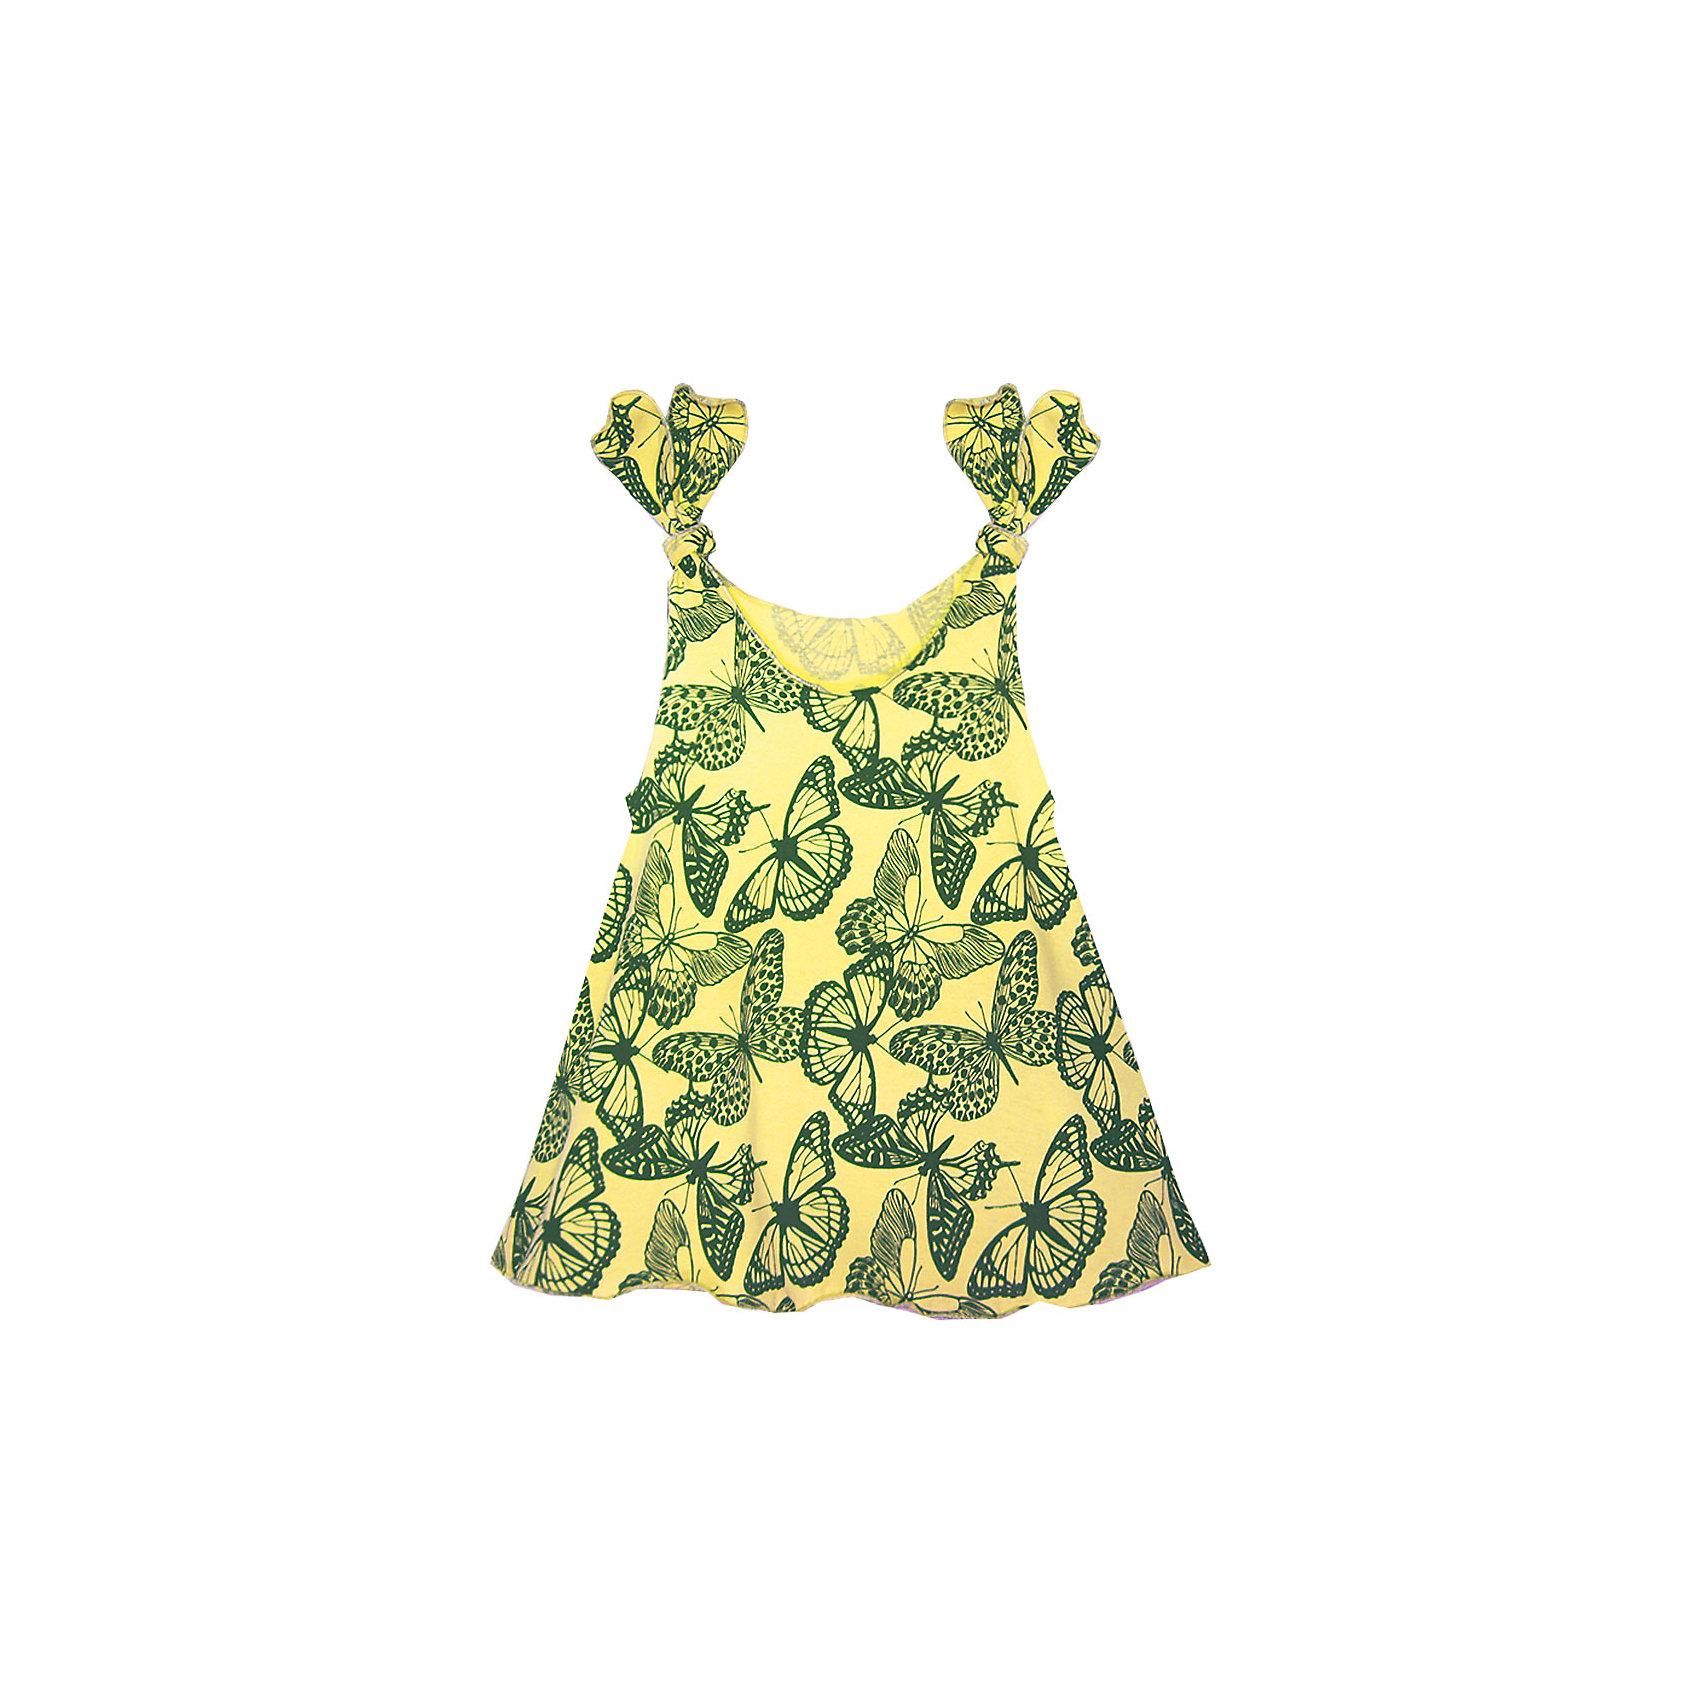 Платье для девочки KotMarKotПлатья и сарафаны<br>Платье для девочки KotMarKot<br>Состав:<br>100% хлопок<br><br>Ширина мм: 236<br>Глубина мм: 16<br>Высота мм: 184<br>Вес г: 177<br>Цвет: желтый<br>Возраст от месяцев: 72<br>Возраст до месяцев: 84<br>Пол: Женский<br>Возраст: Детский<br>Размер: 122,92,98,104,110,116<br>SKU: 6755119